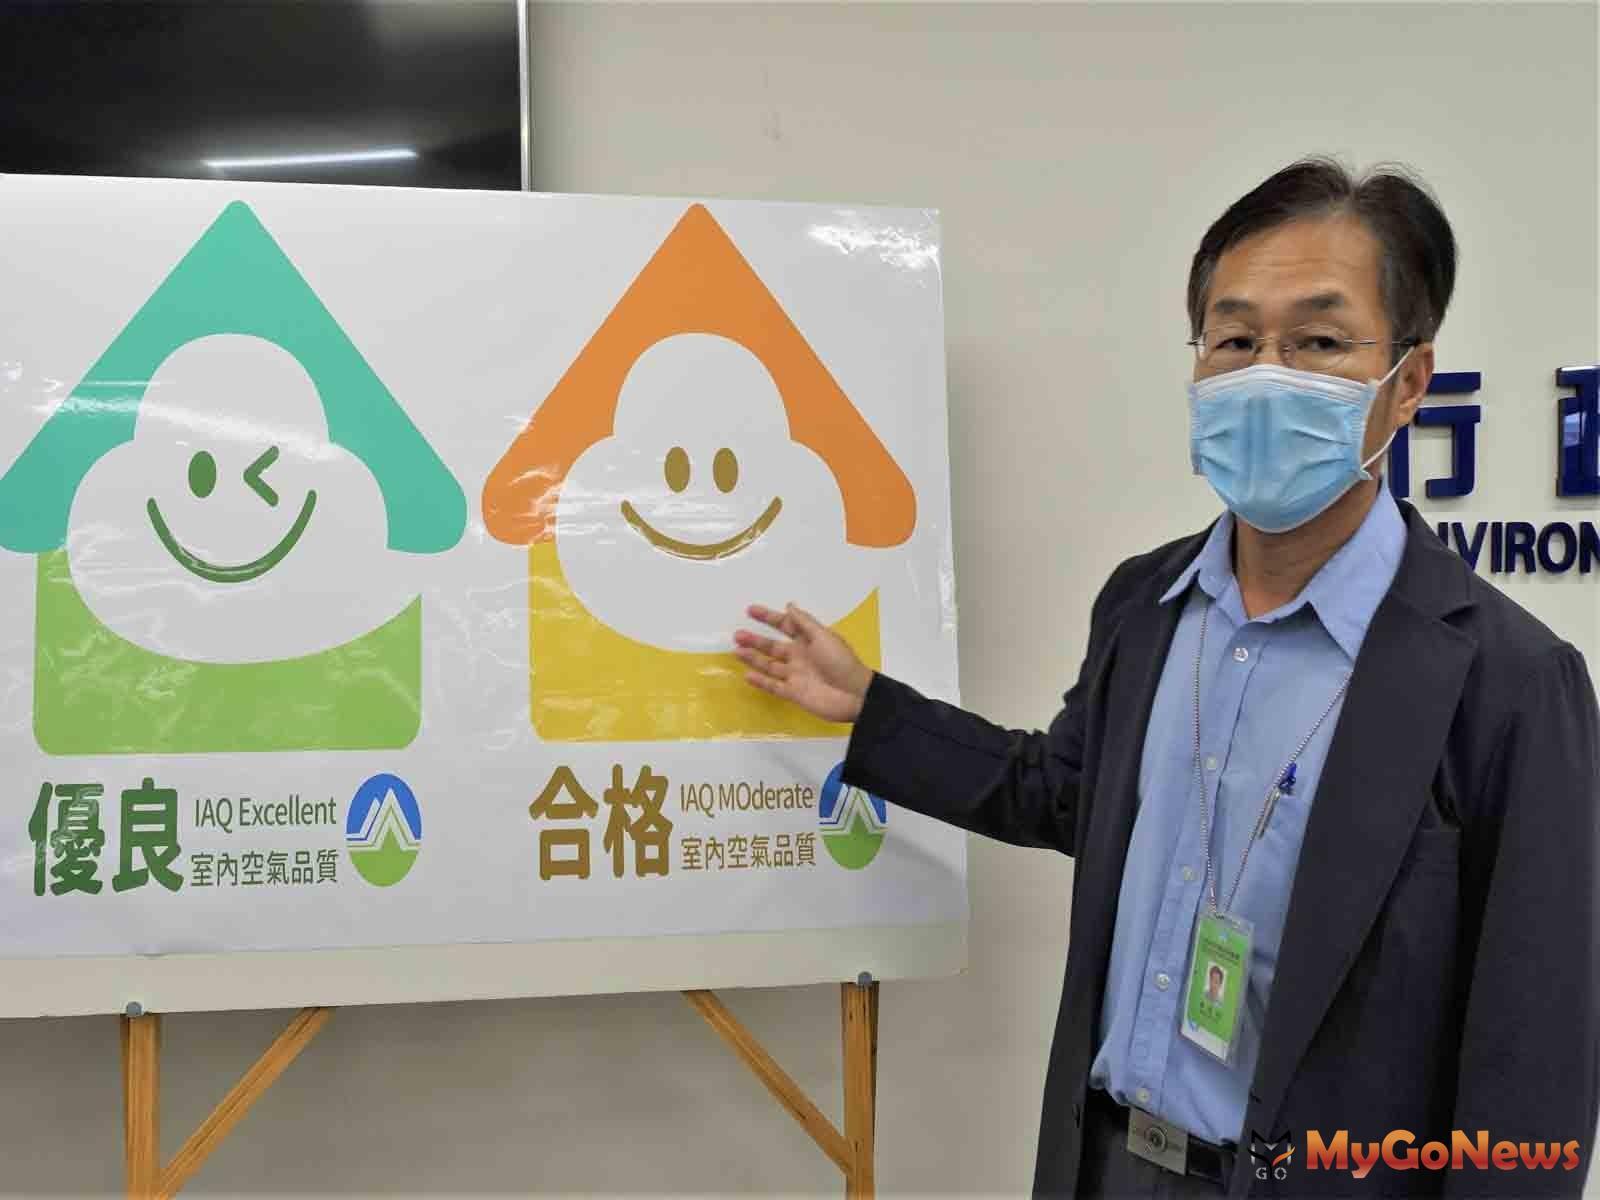 室內空品自主管理標章6月上路 共同維護敏感族群健康(圖/環保署) MyGoNews房地產新聞 安全家居